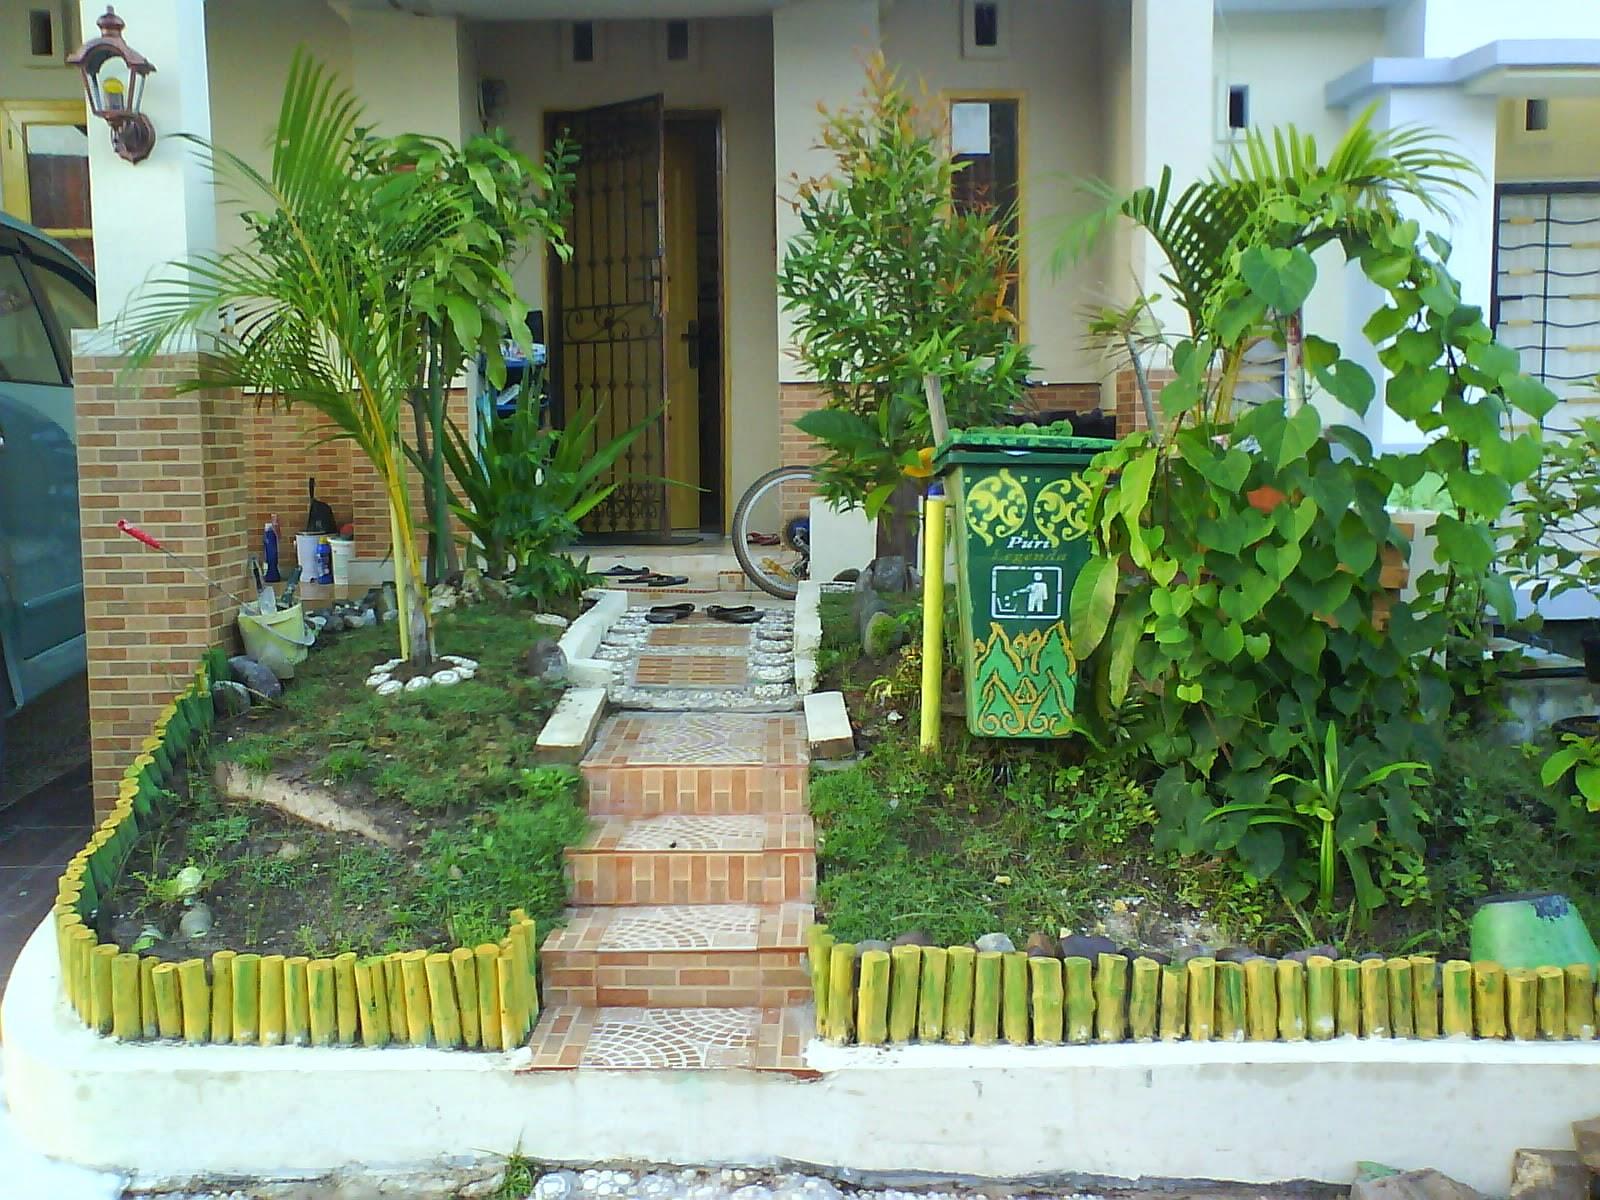 desain taman kecil depan rumah minimalis